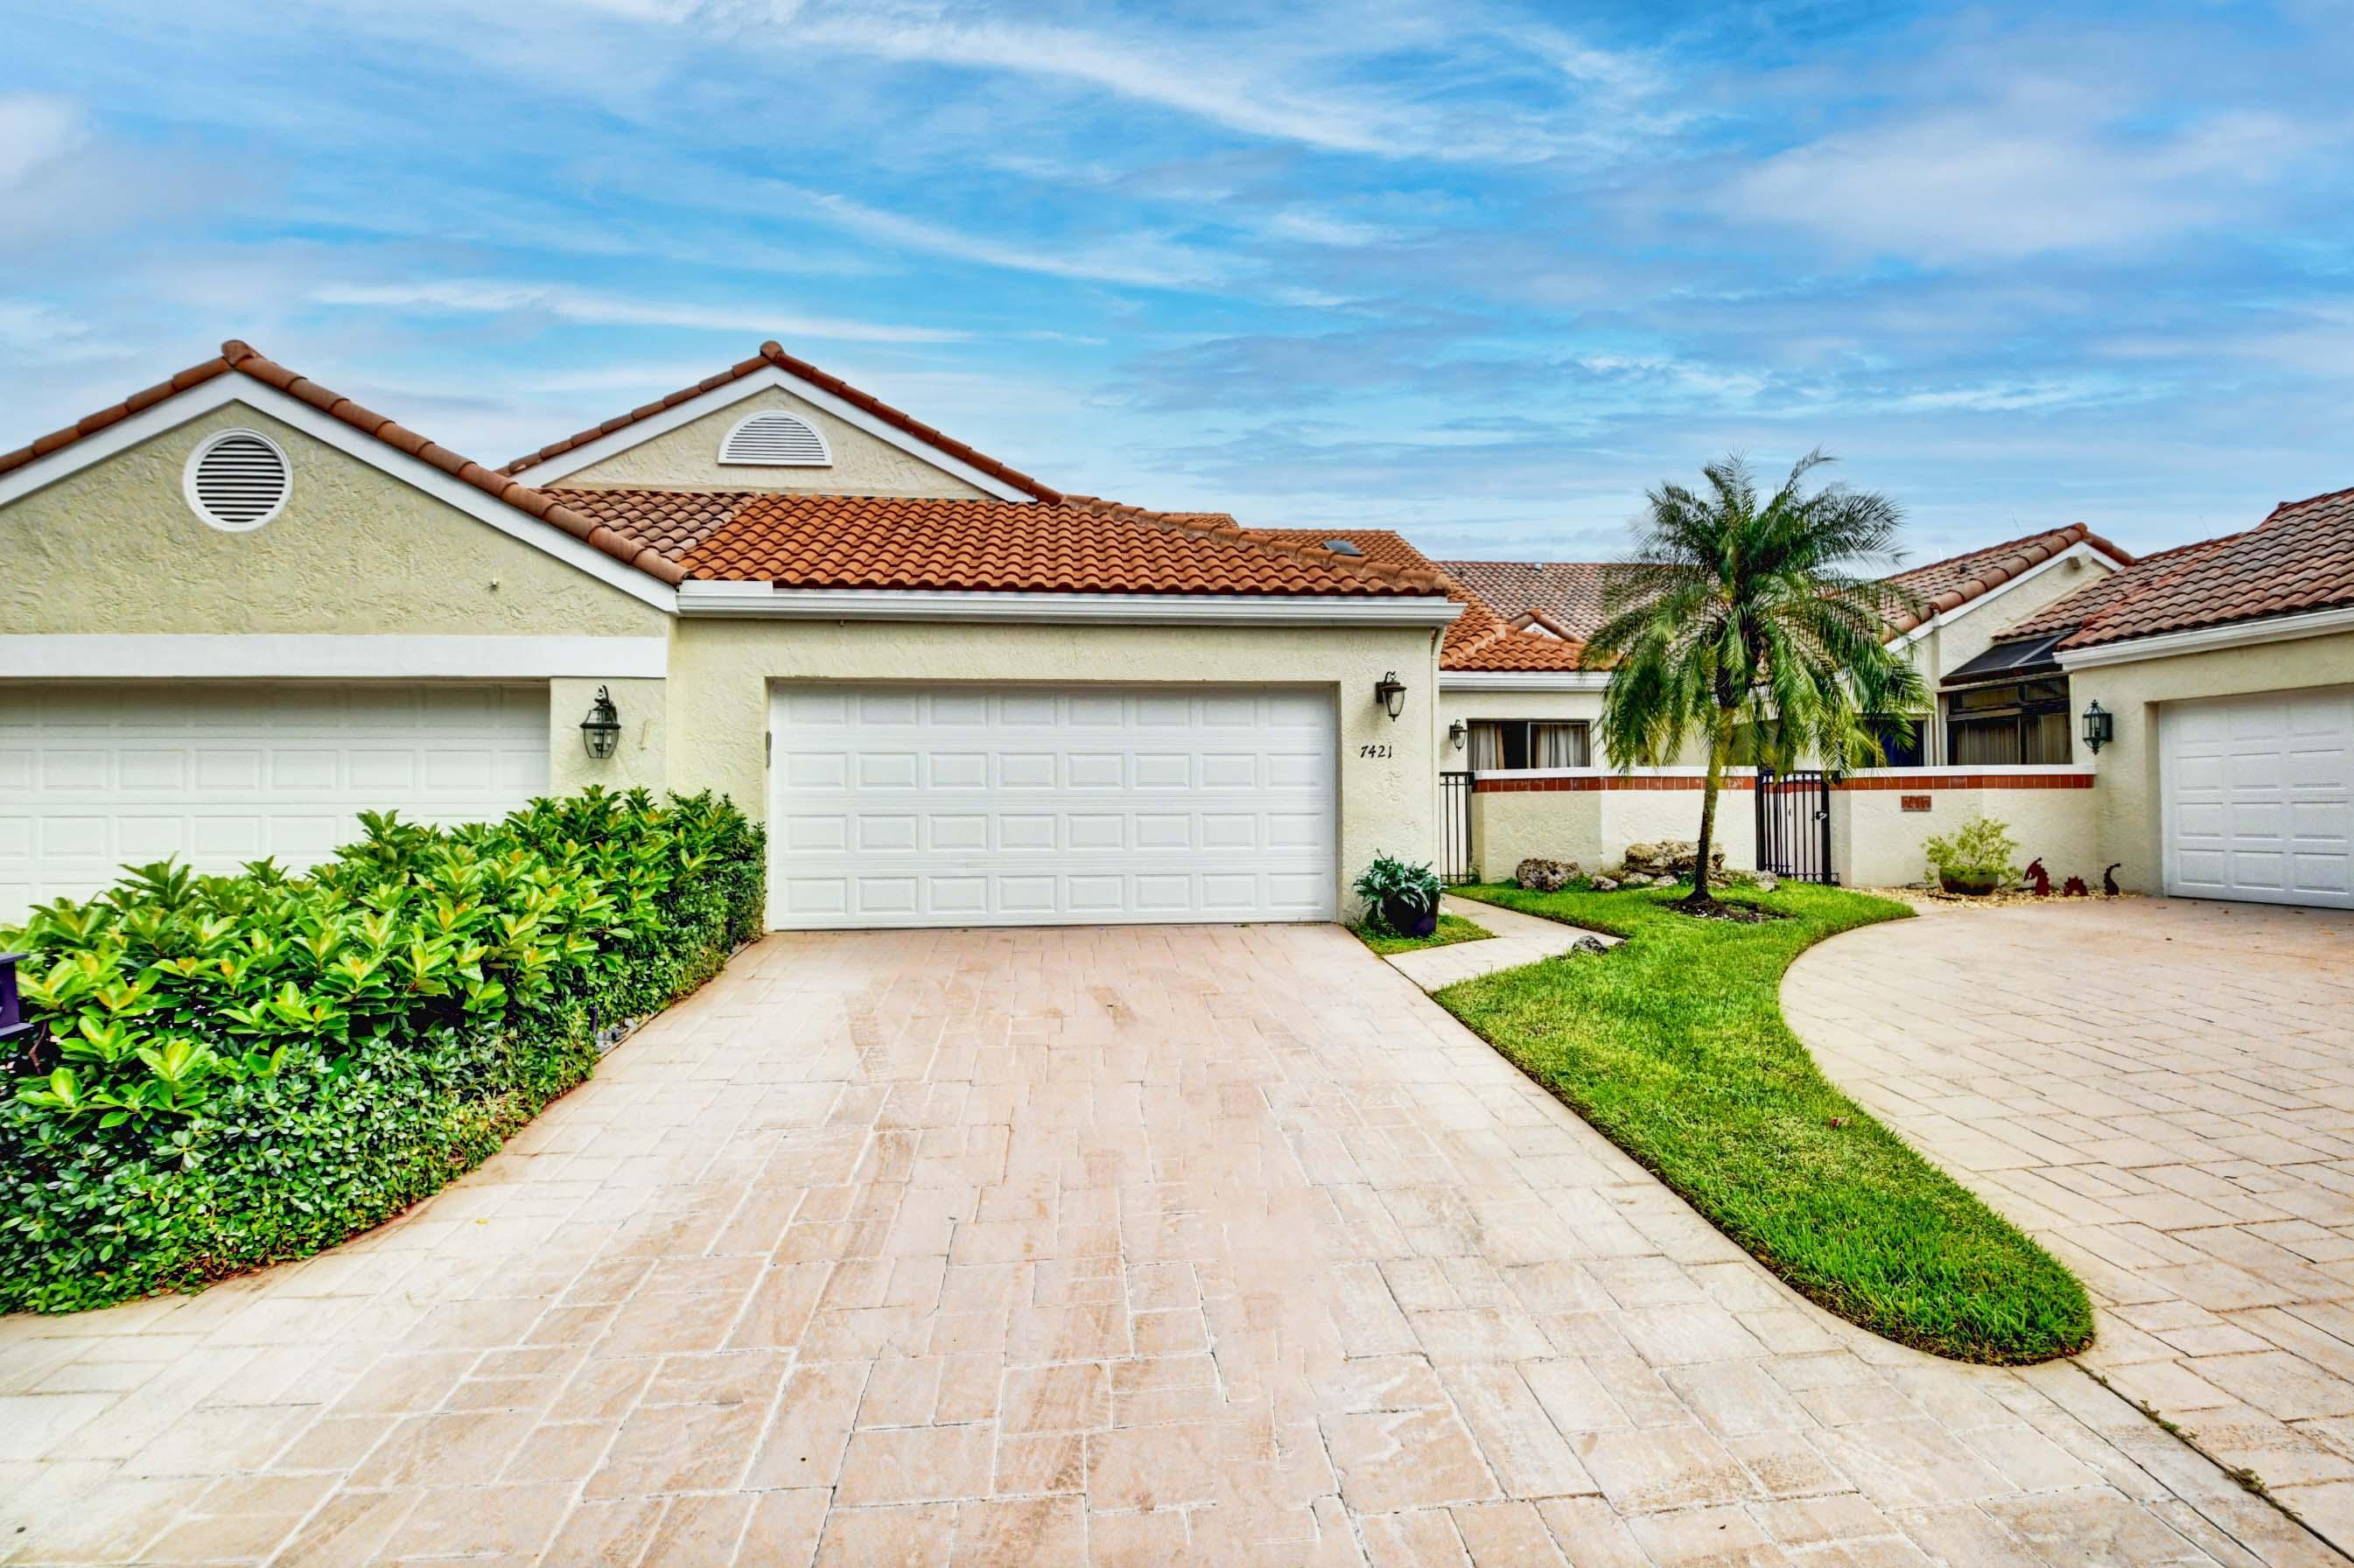 Details for 7421 Campo Florido, Boca Raton, FL 33433